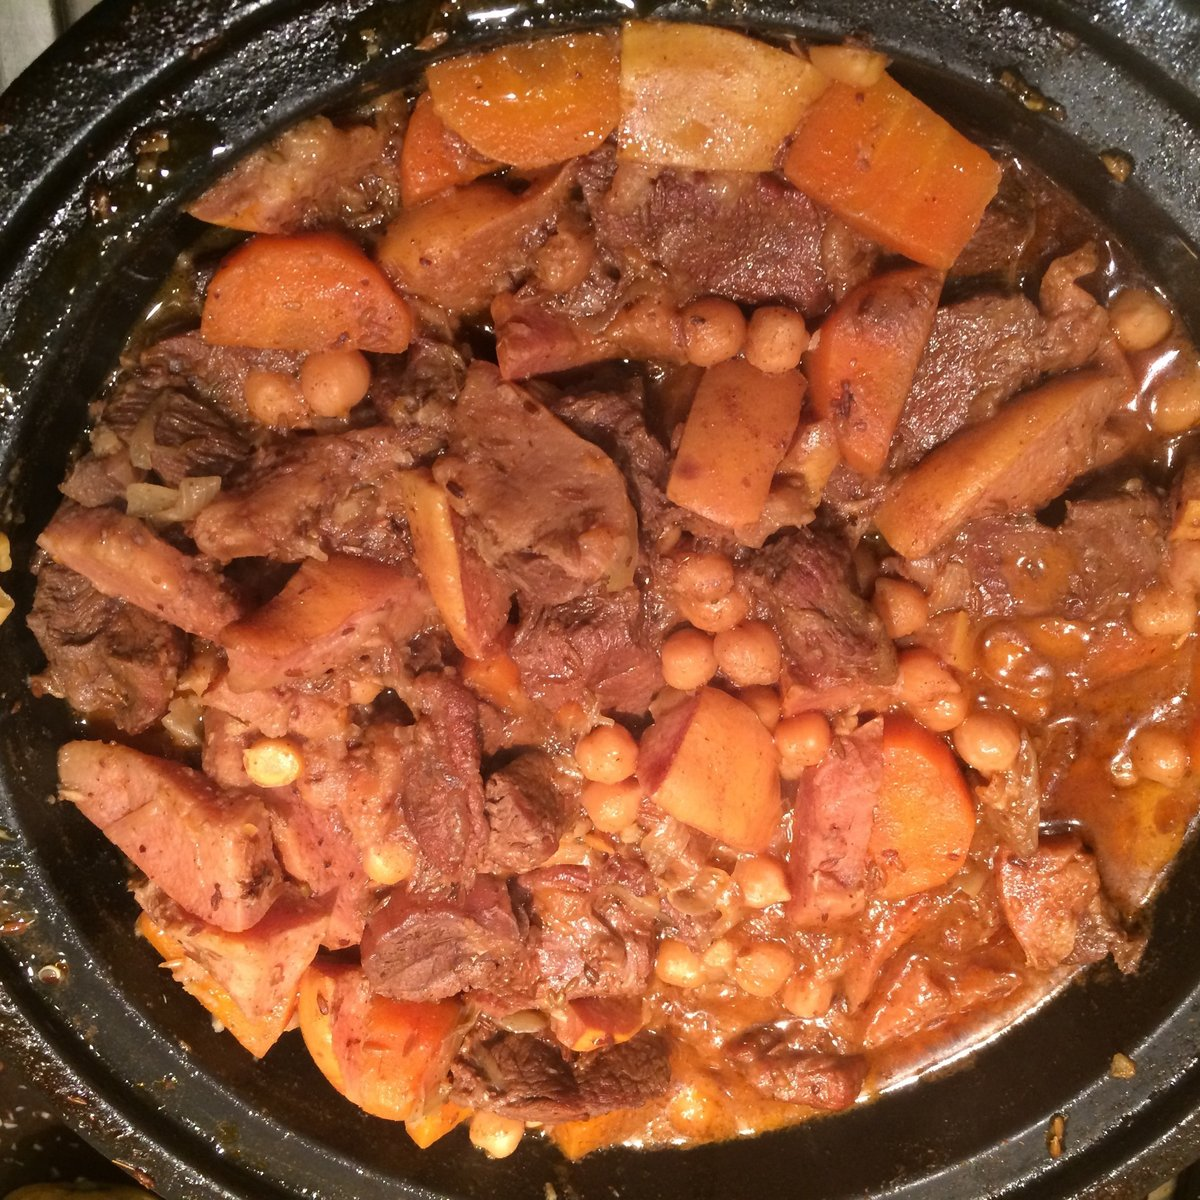 Фото рецепты пошаговые блюд из баранины